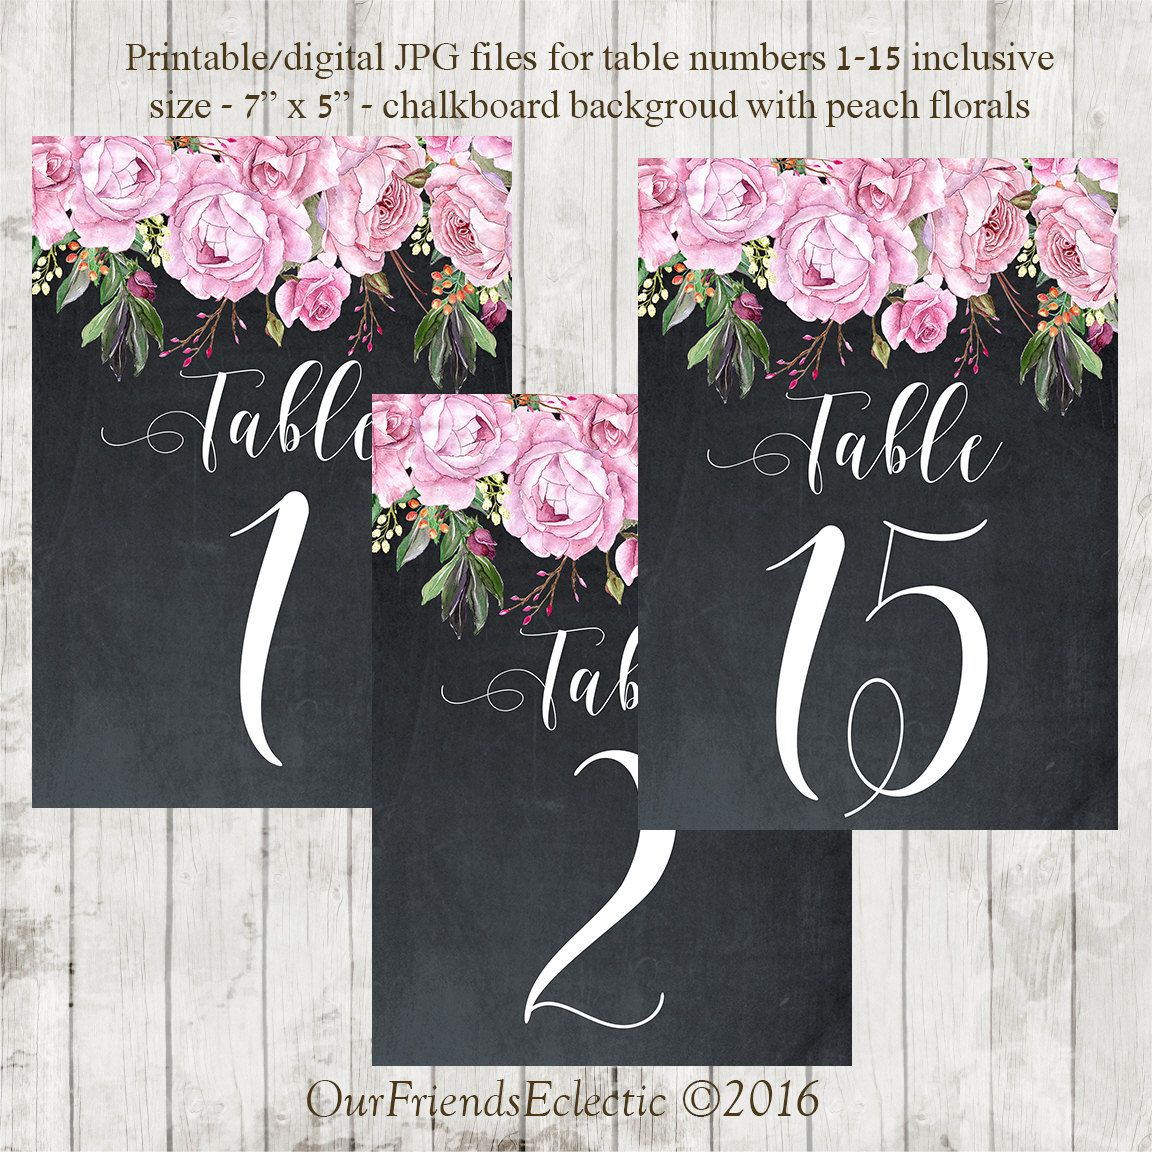 Printable Chalkboard Table Numbers Wedding 1 15 Lavender Roses